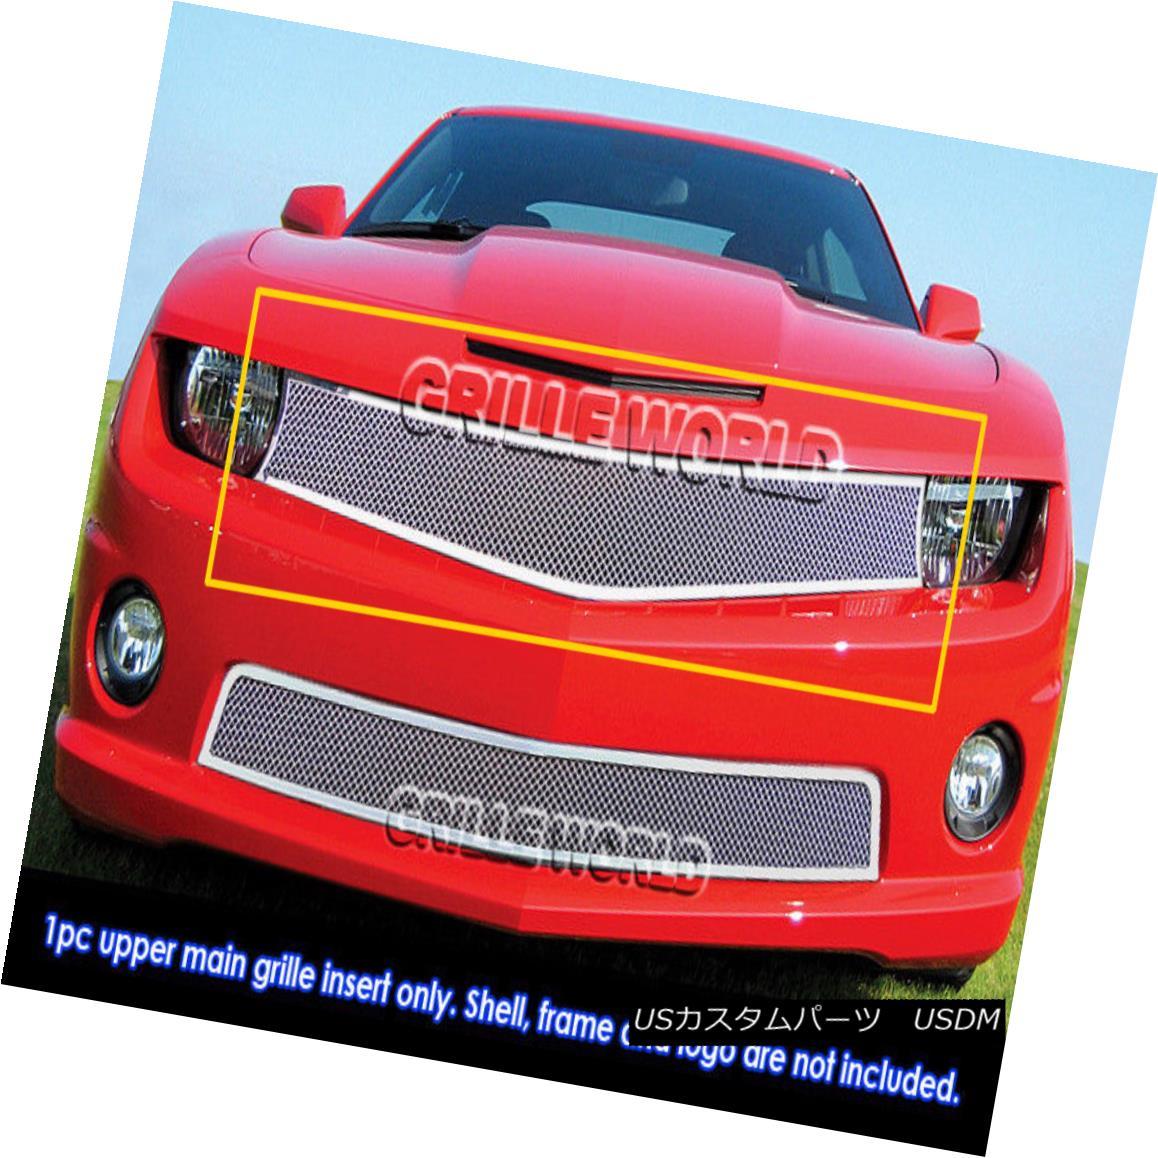 グリル For 10-11 2011 Camaro LT/LS/RS/SS Stainless Mesh Grille 10-11 2011カマロLT / LS / RS / SSステンレスメッシュグリル